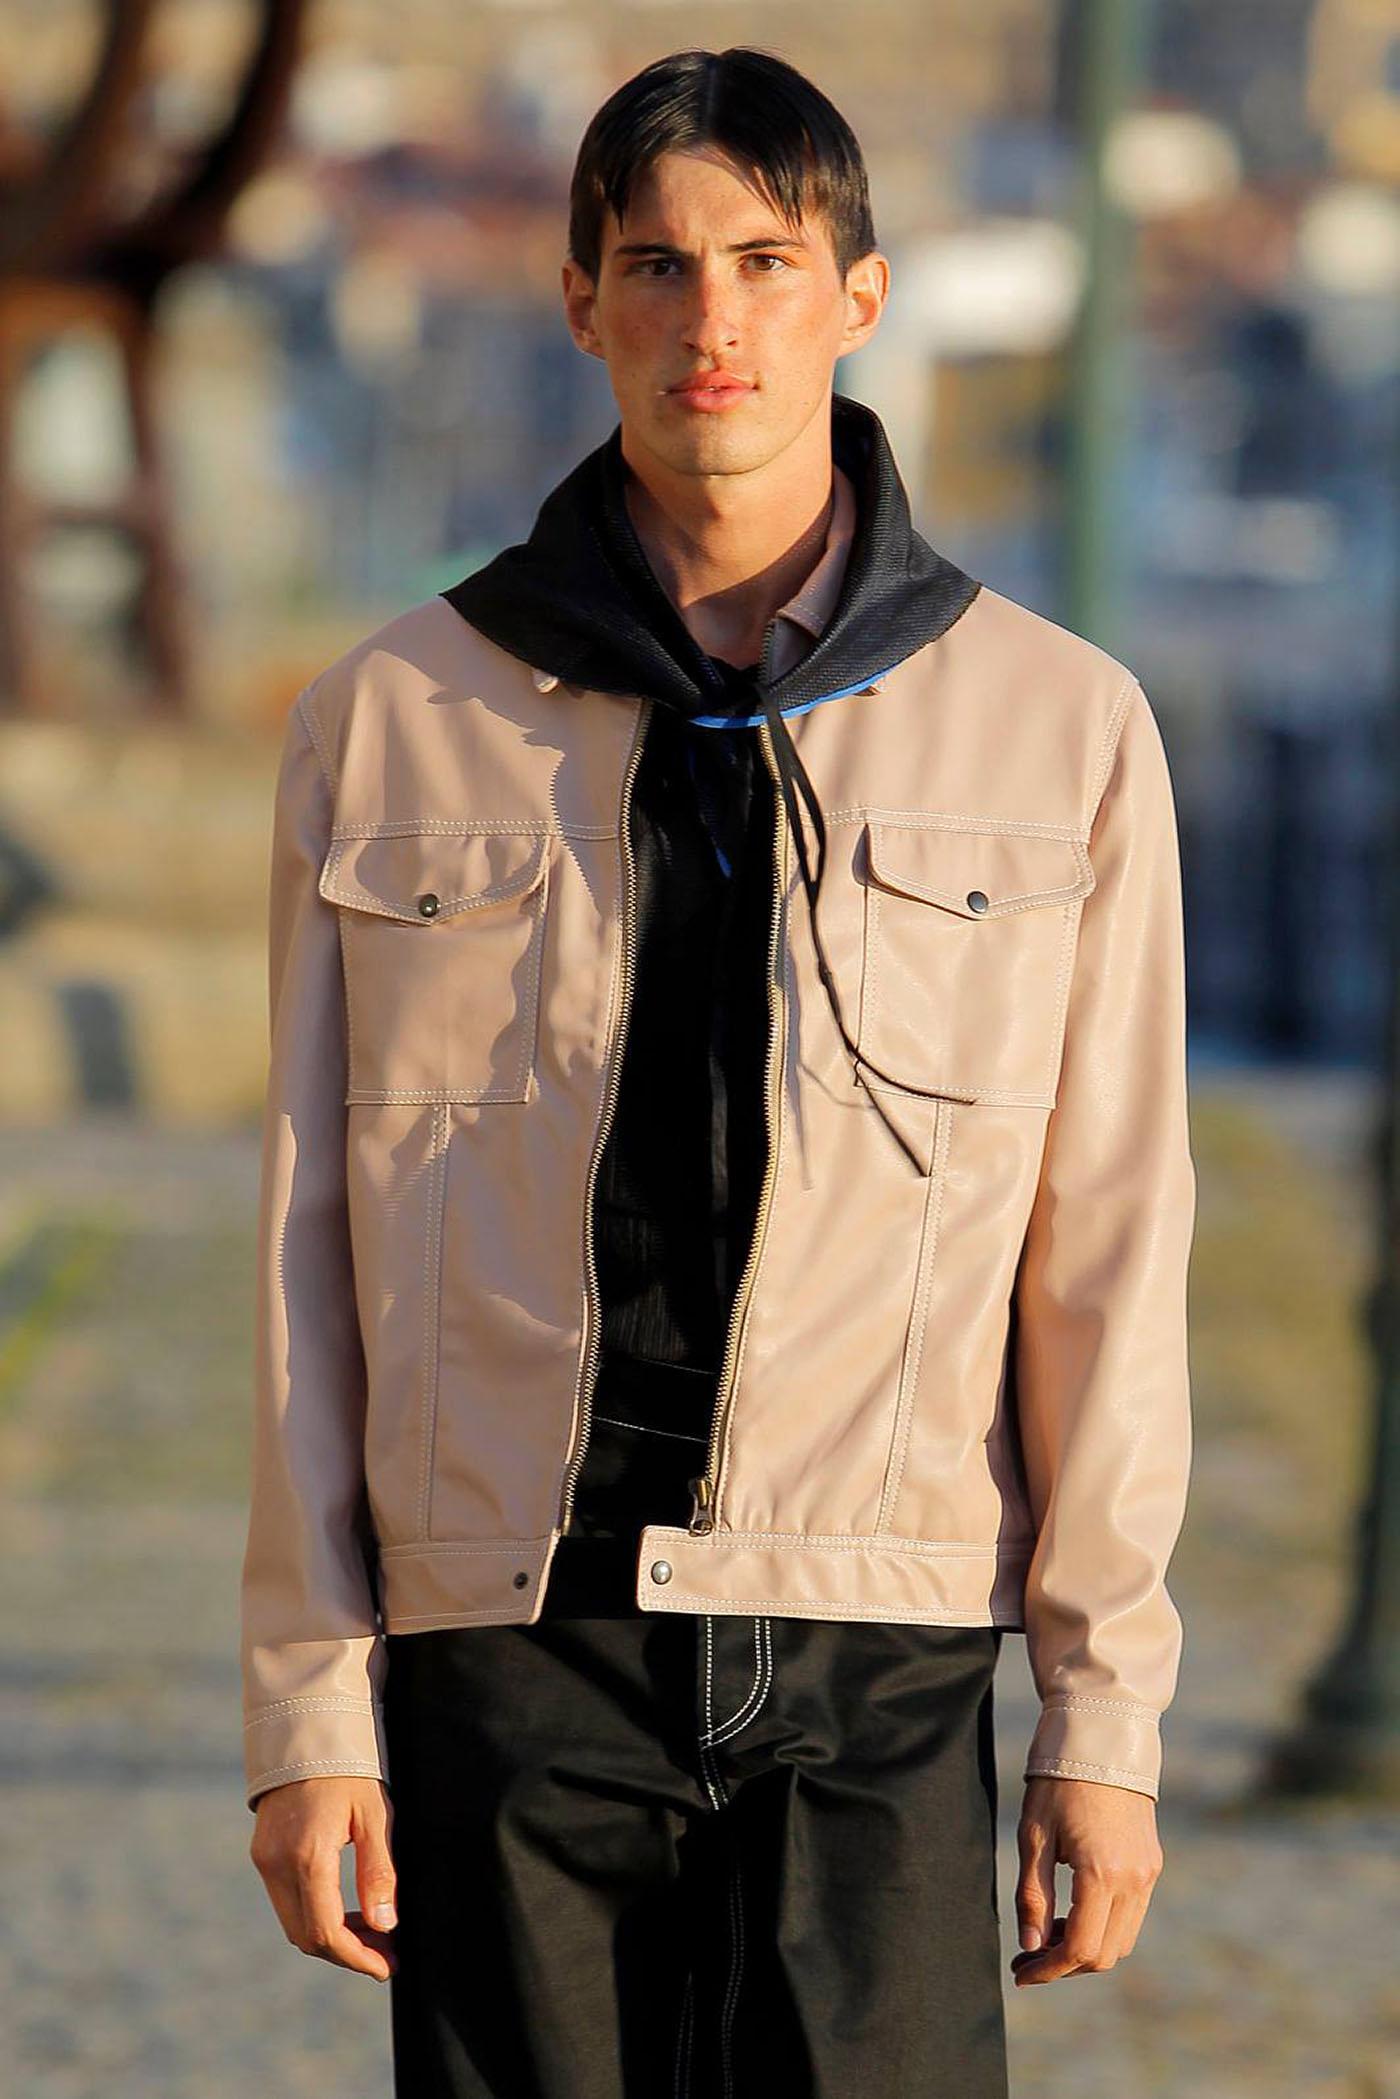 Dusty Pink Jacket Estelita Mendonça